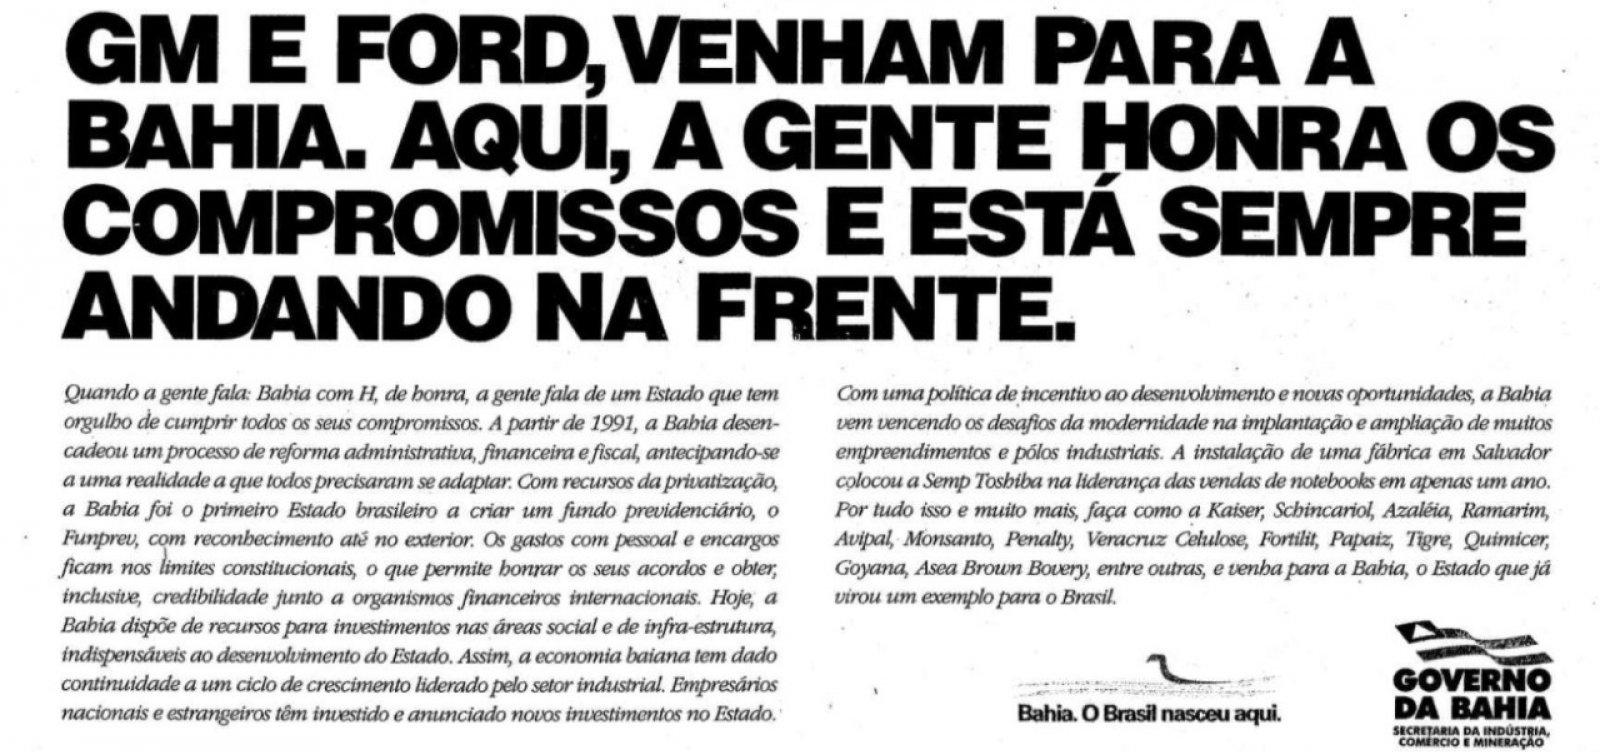 César Borges relembra rixa com Rio Grande do Sul e São Paulo para trazer Ford para a Bahia